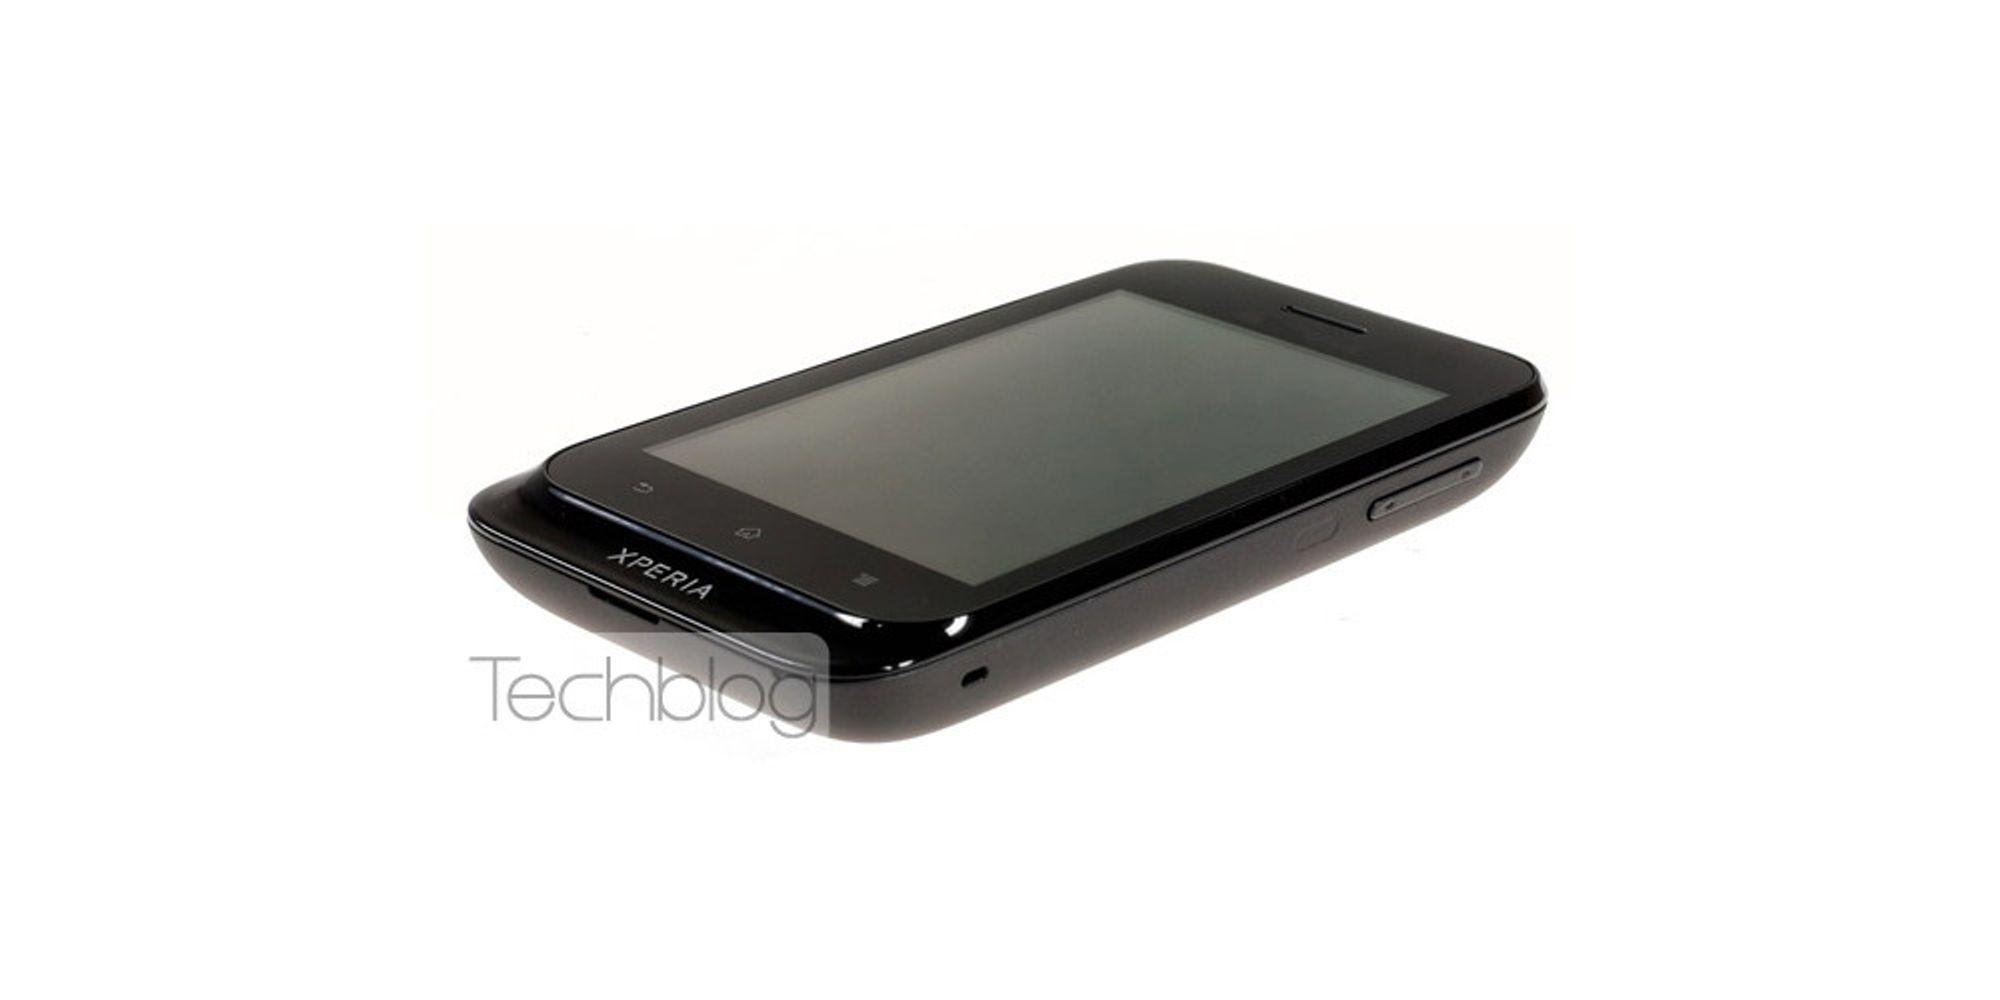 Rimelig Android 4.0-telefon fra Sony avslørt